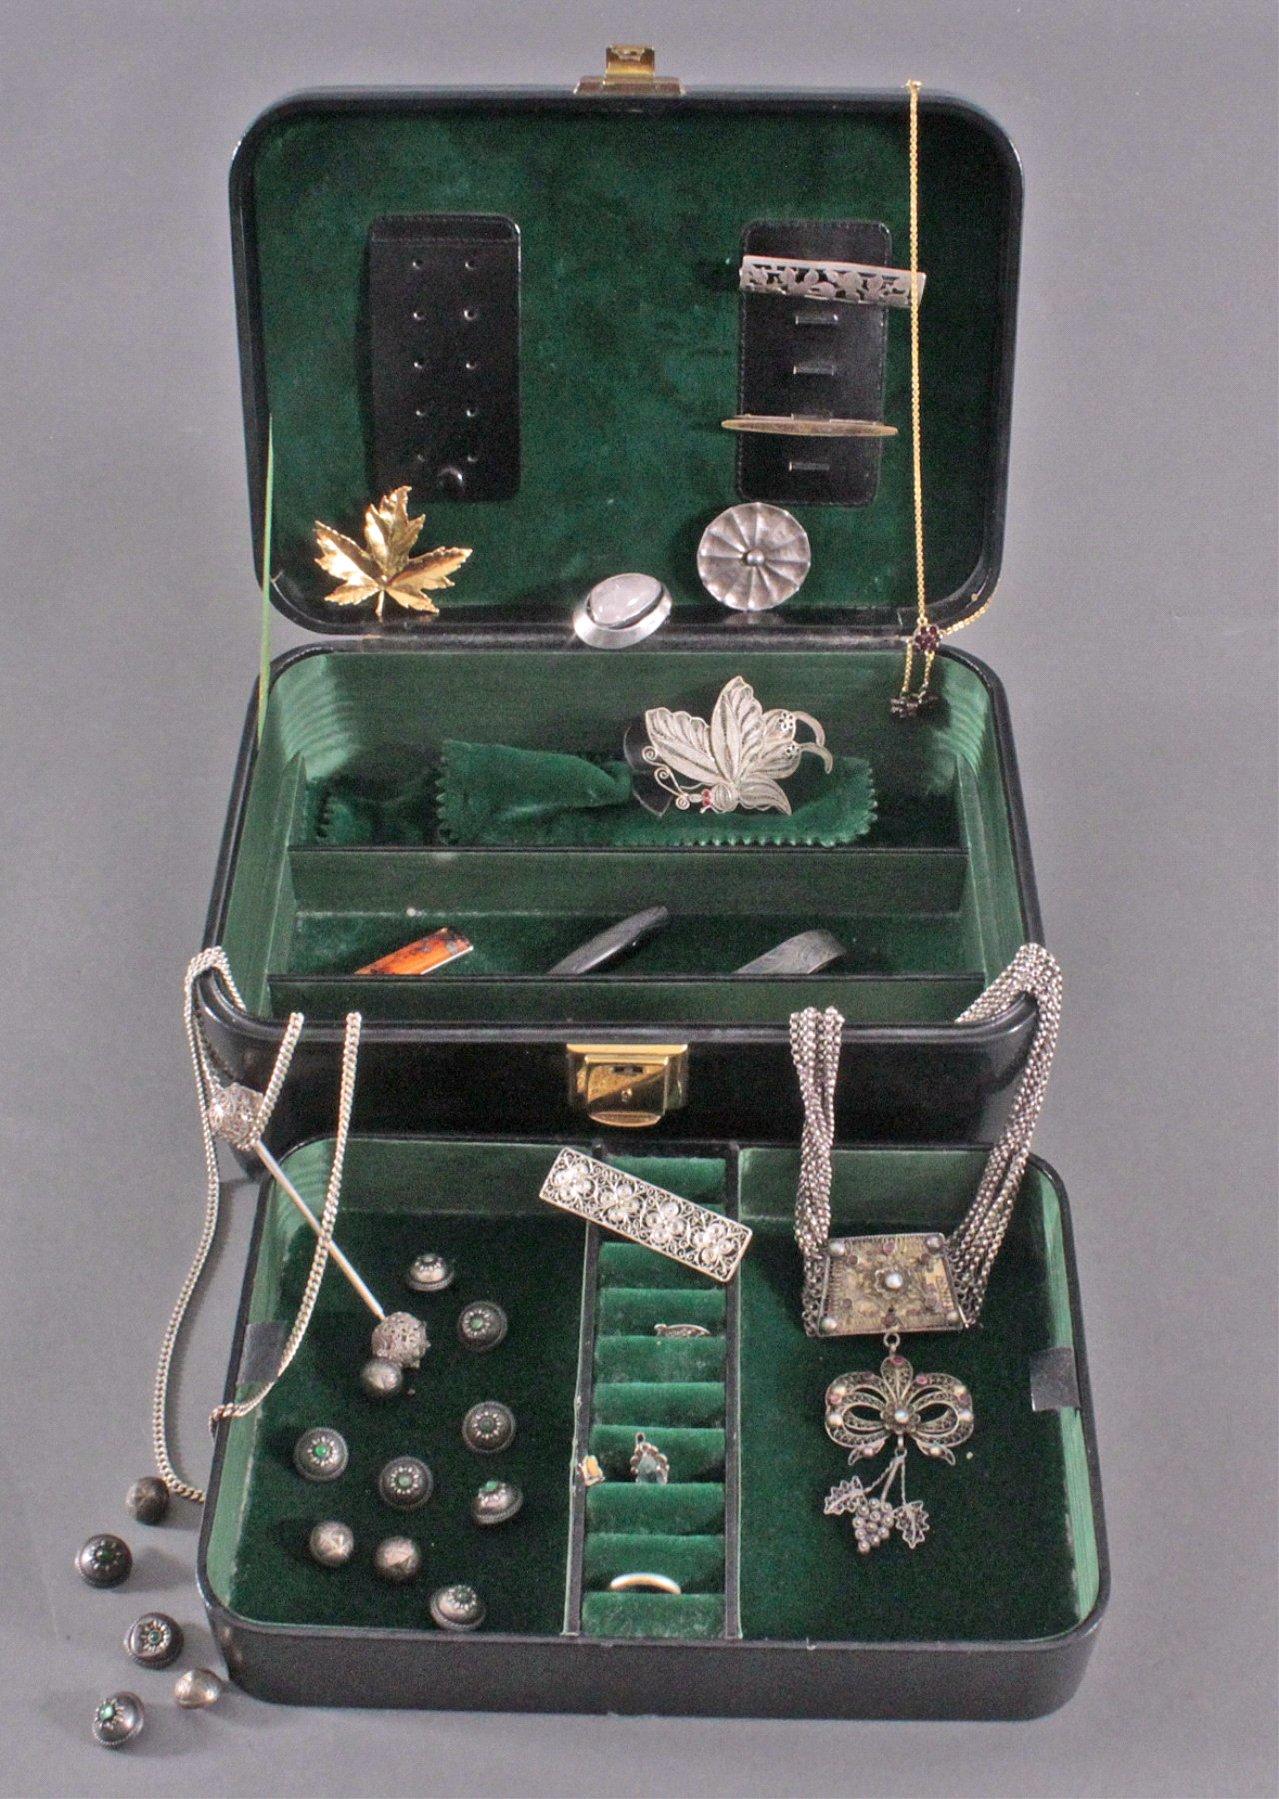 Schmuckschatulle mit Mode- und Silberschmuck